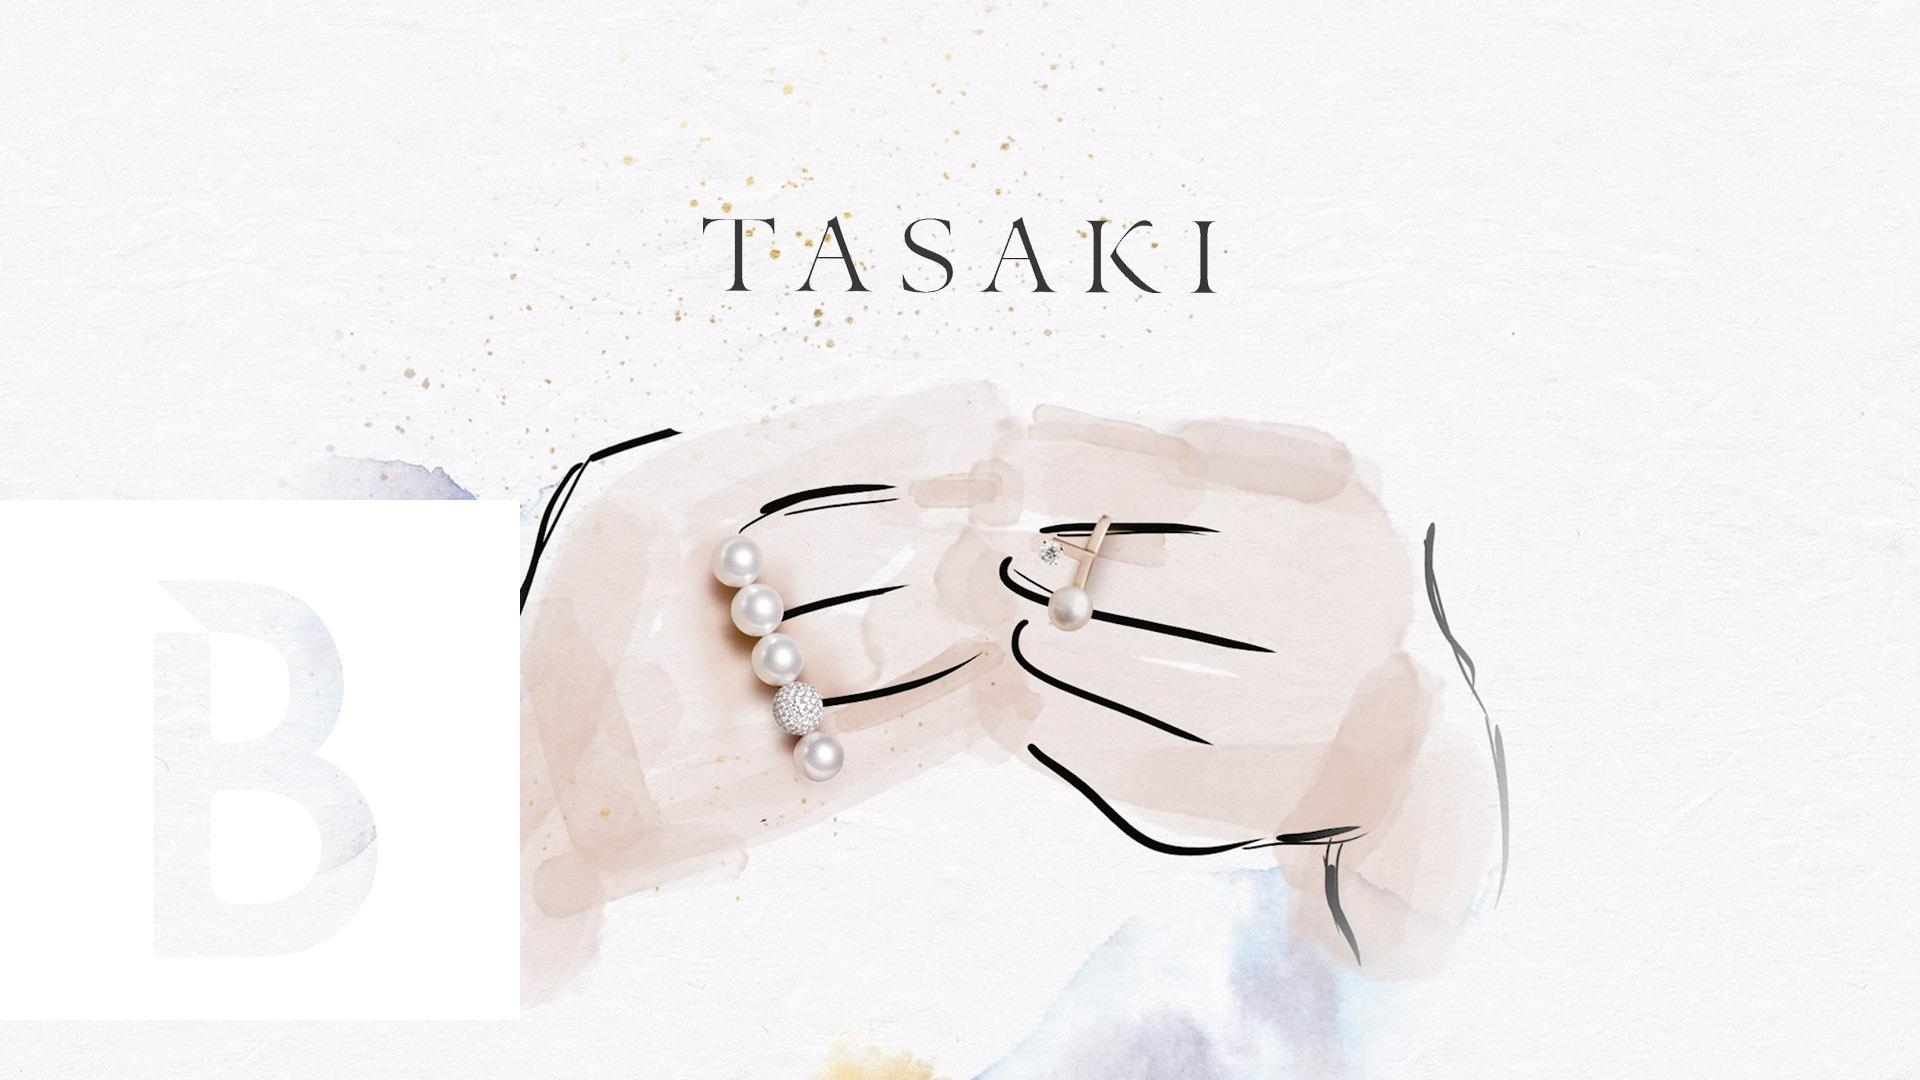 TASAKI珍珠風靡全球超過65年!日本經典珠寶品牌「10點革新」讓千禧世代也買單